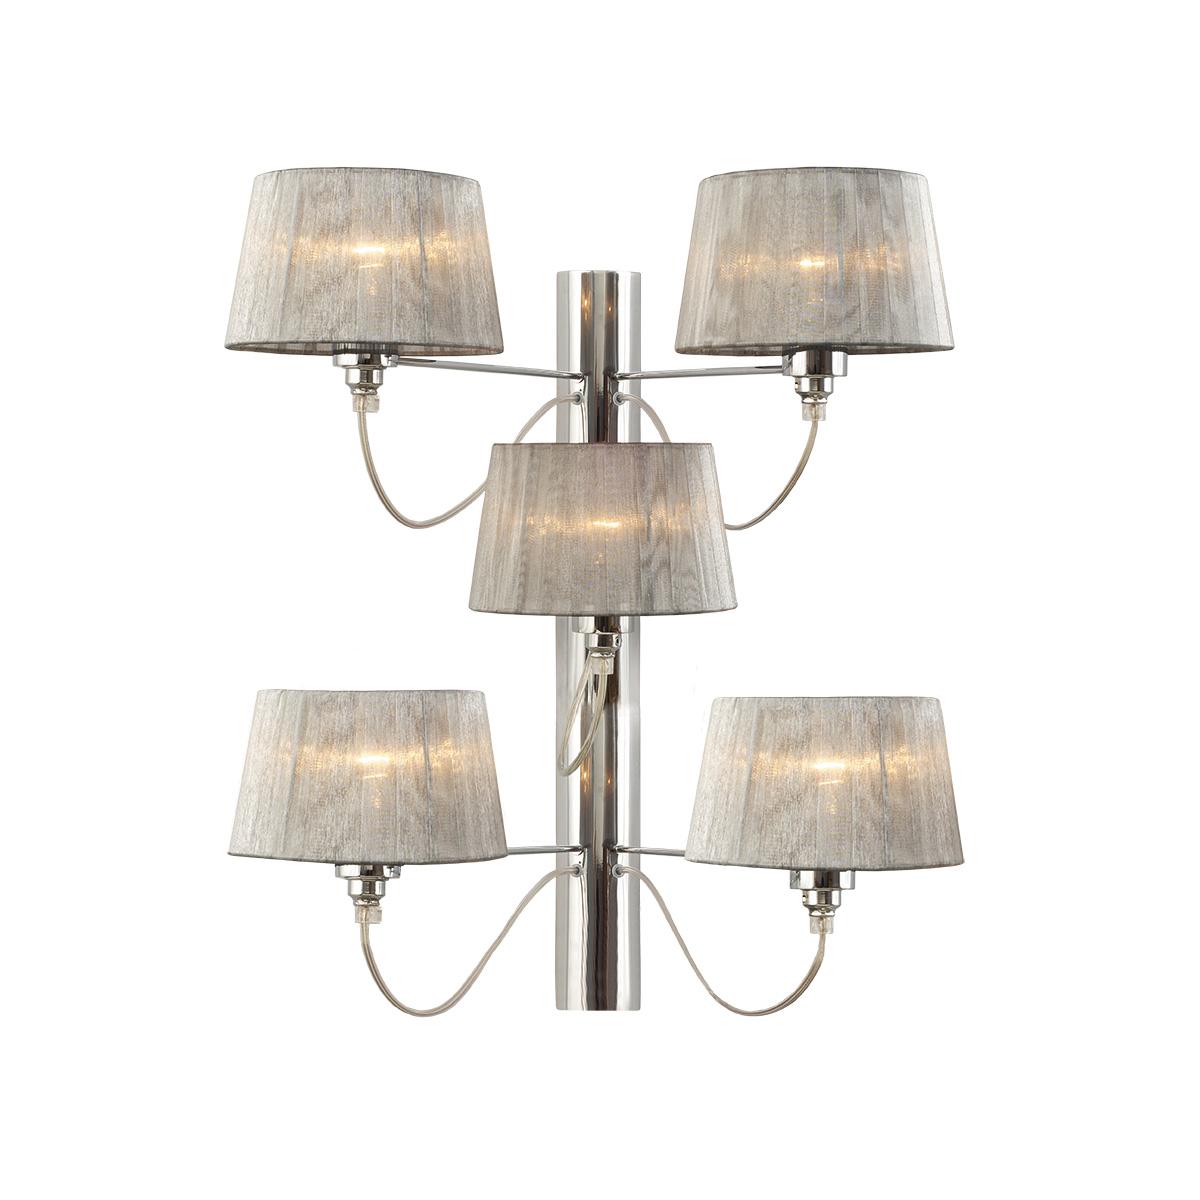 Μοντέρνα 5φωτη απλίκα ΟΡΓΑΝΤΖΑ modern 5-bulb wall lamp